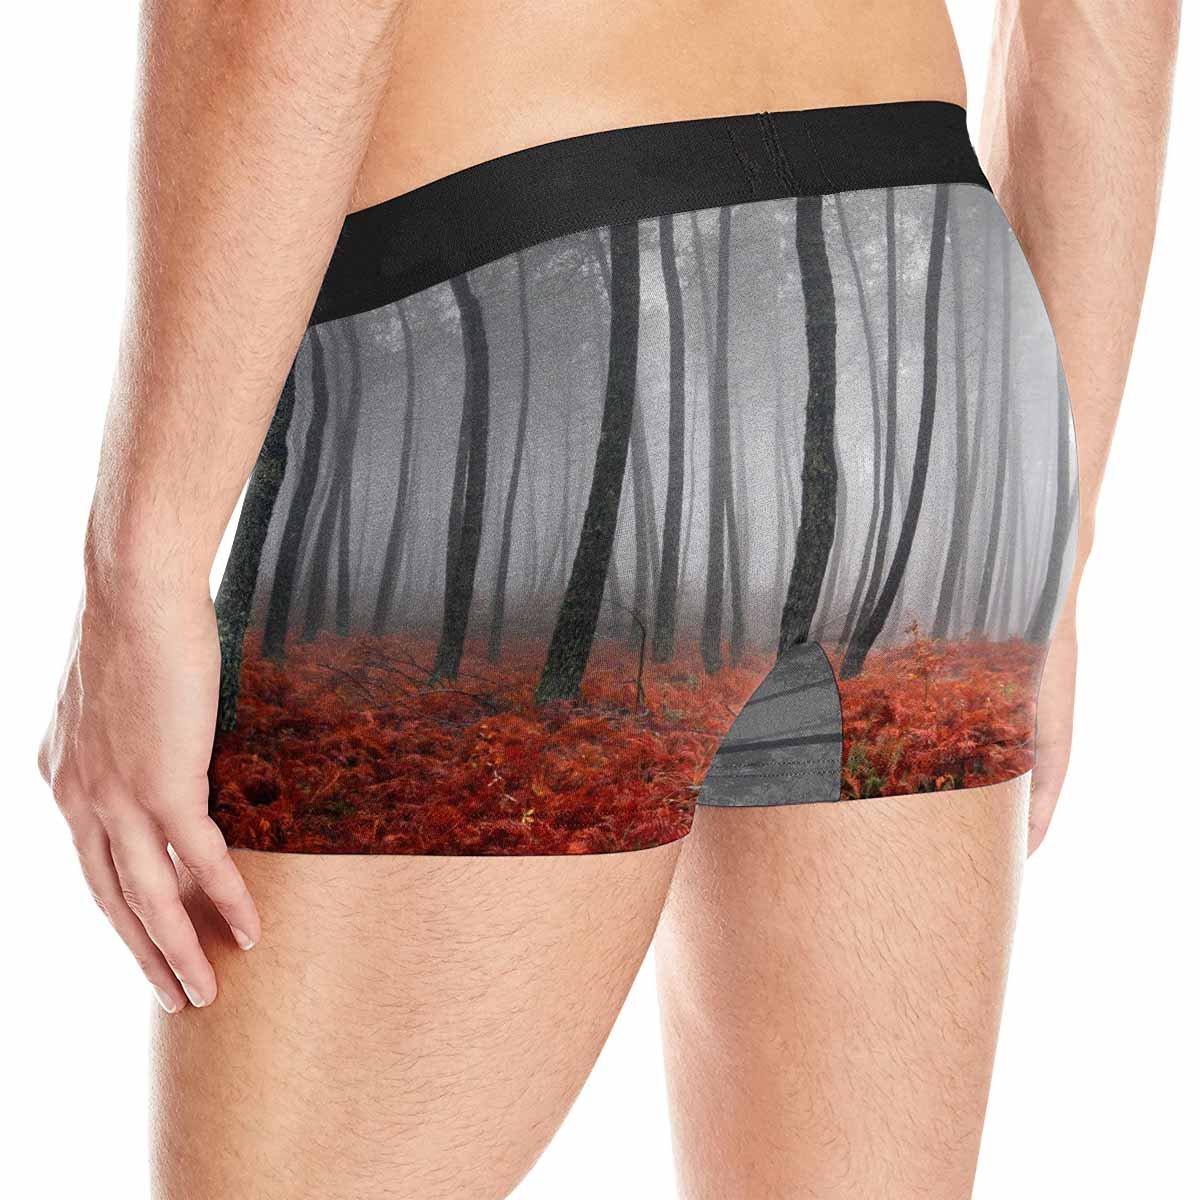 INTERESTPRINT Mens Boxer Briefs Underwear Winter Landscape XS-3XL